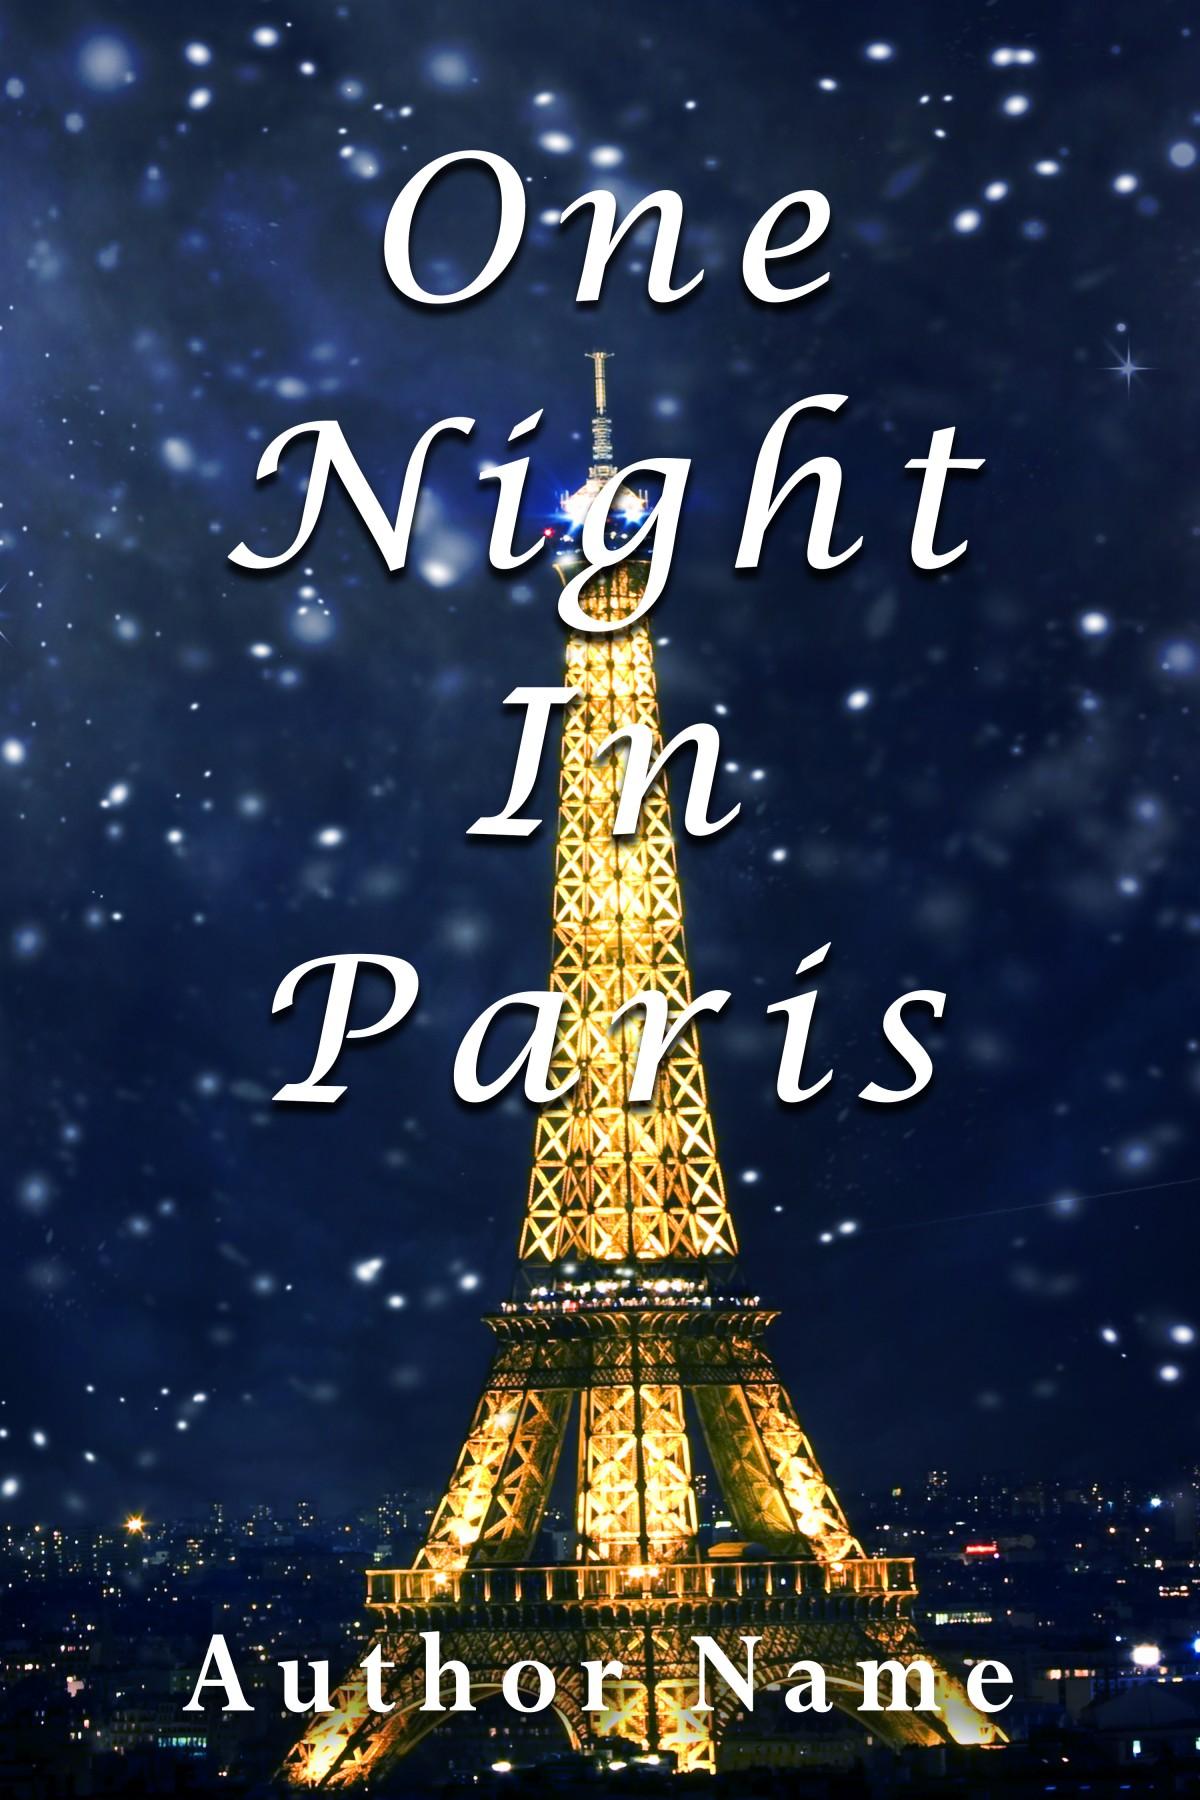 One Night In Paris - The Book Cover Designer